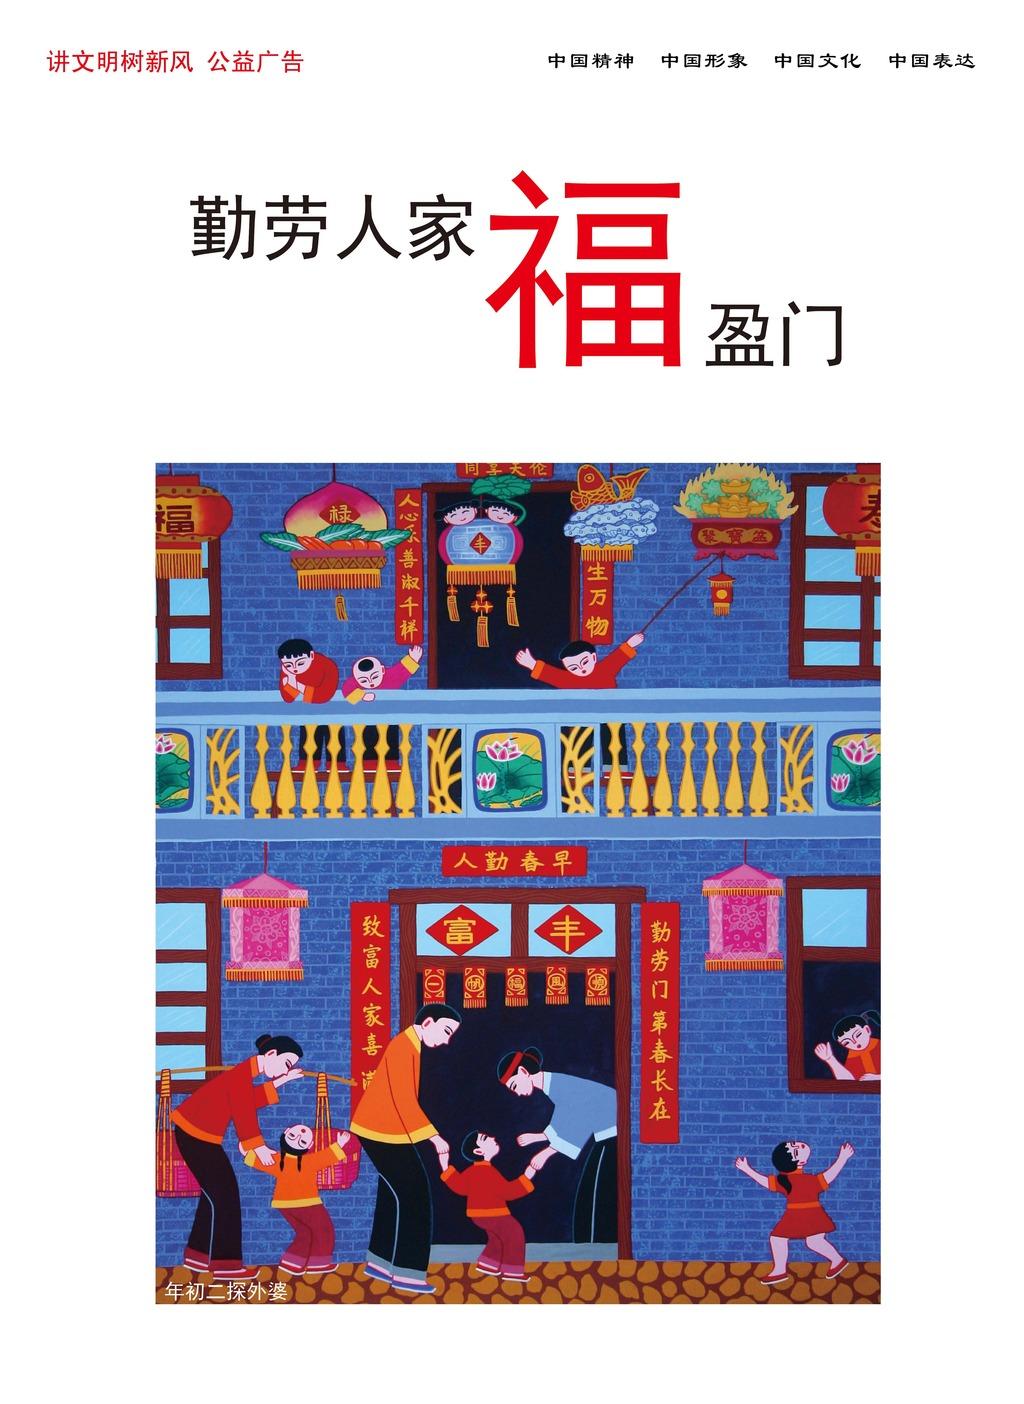 中国梦公益展板,海报设计